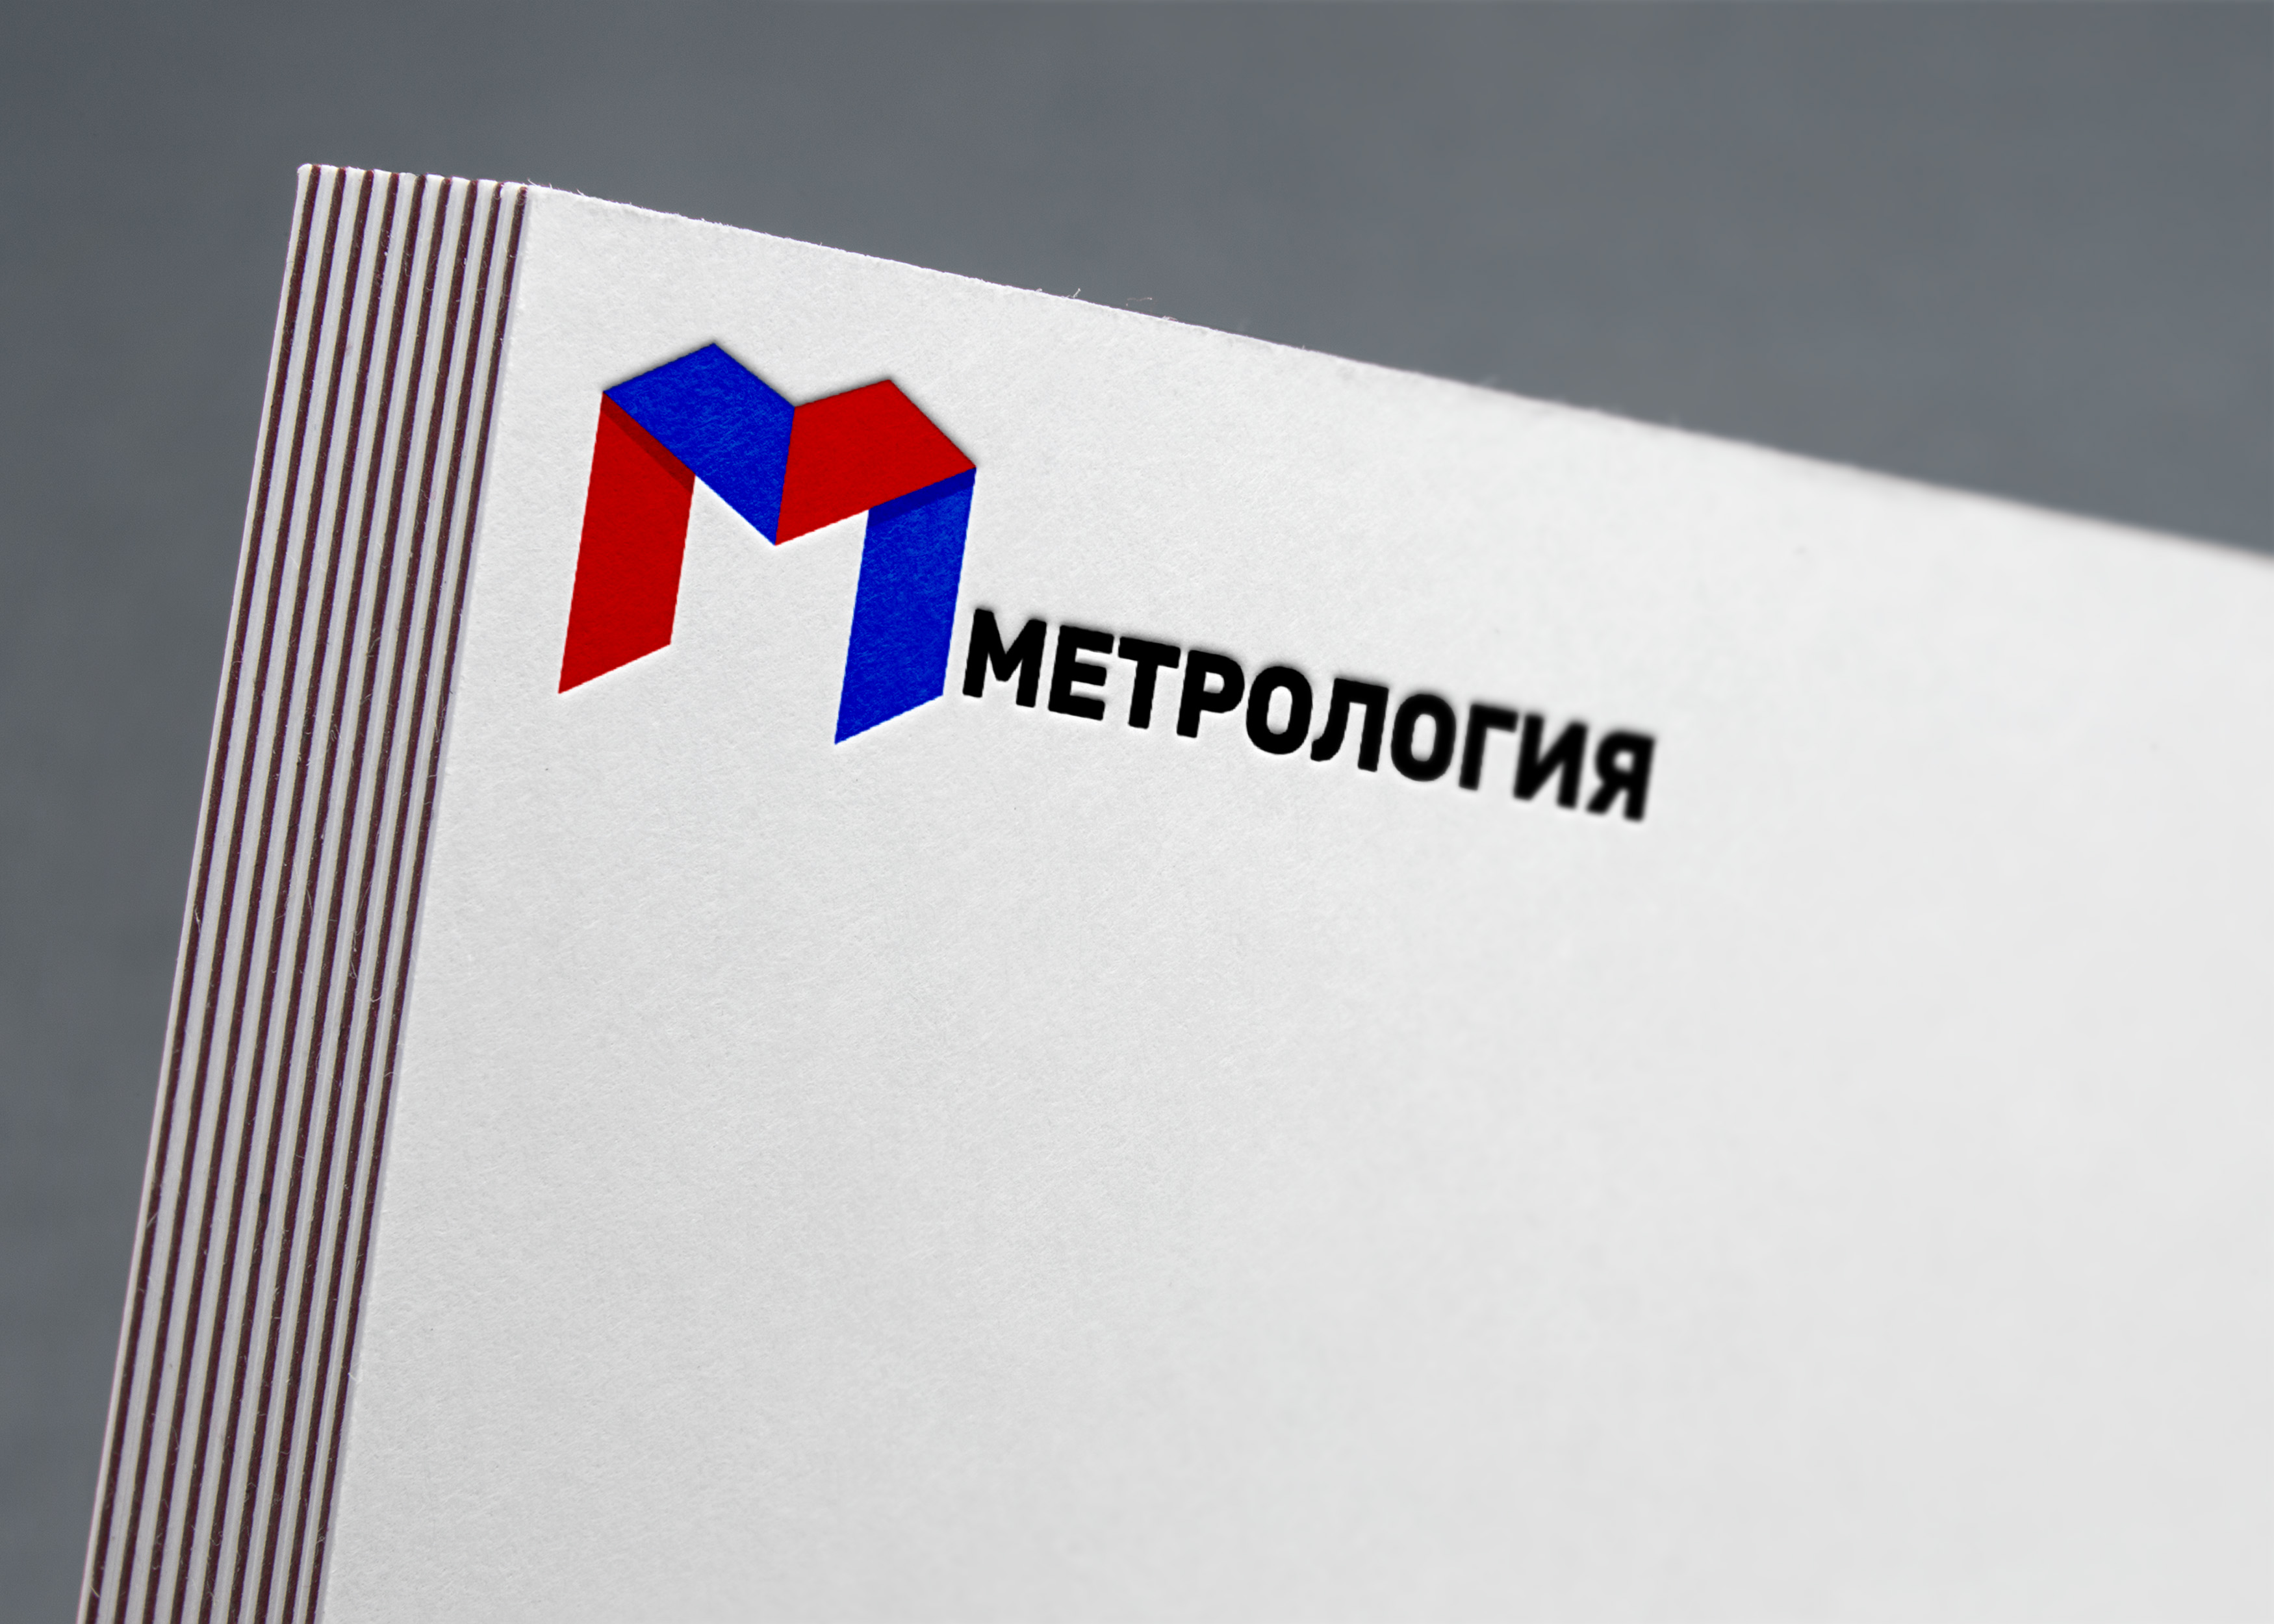 Разработать логотип, визитку, фирменный бланк. фото f_40258f400c8490d0.jpg